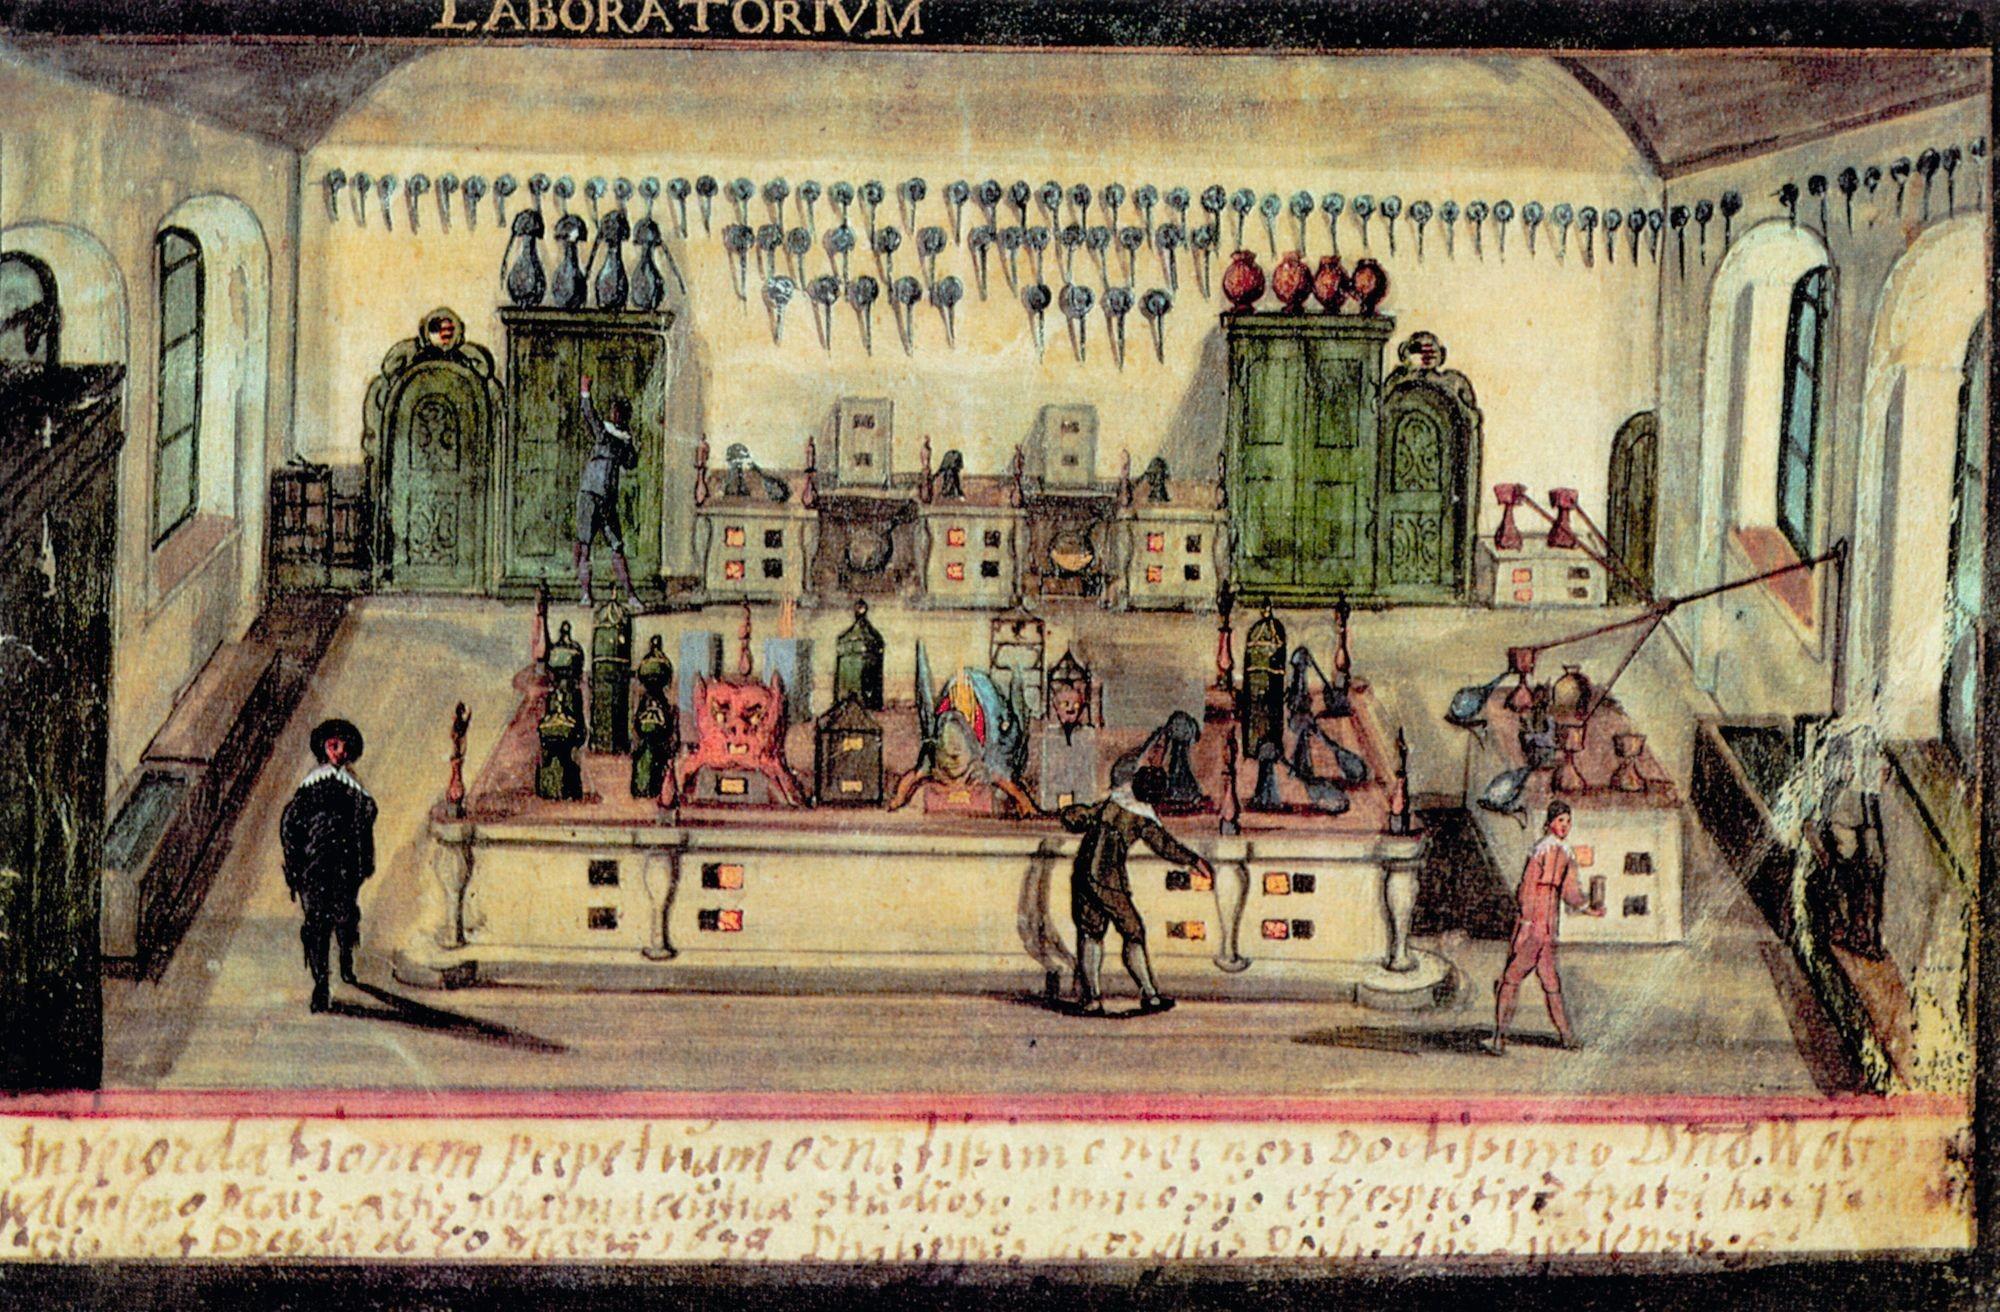 Un laboratoire au XVIIe siècle